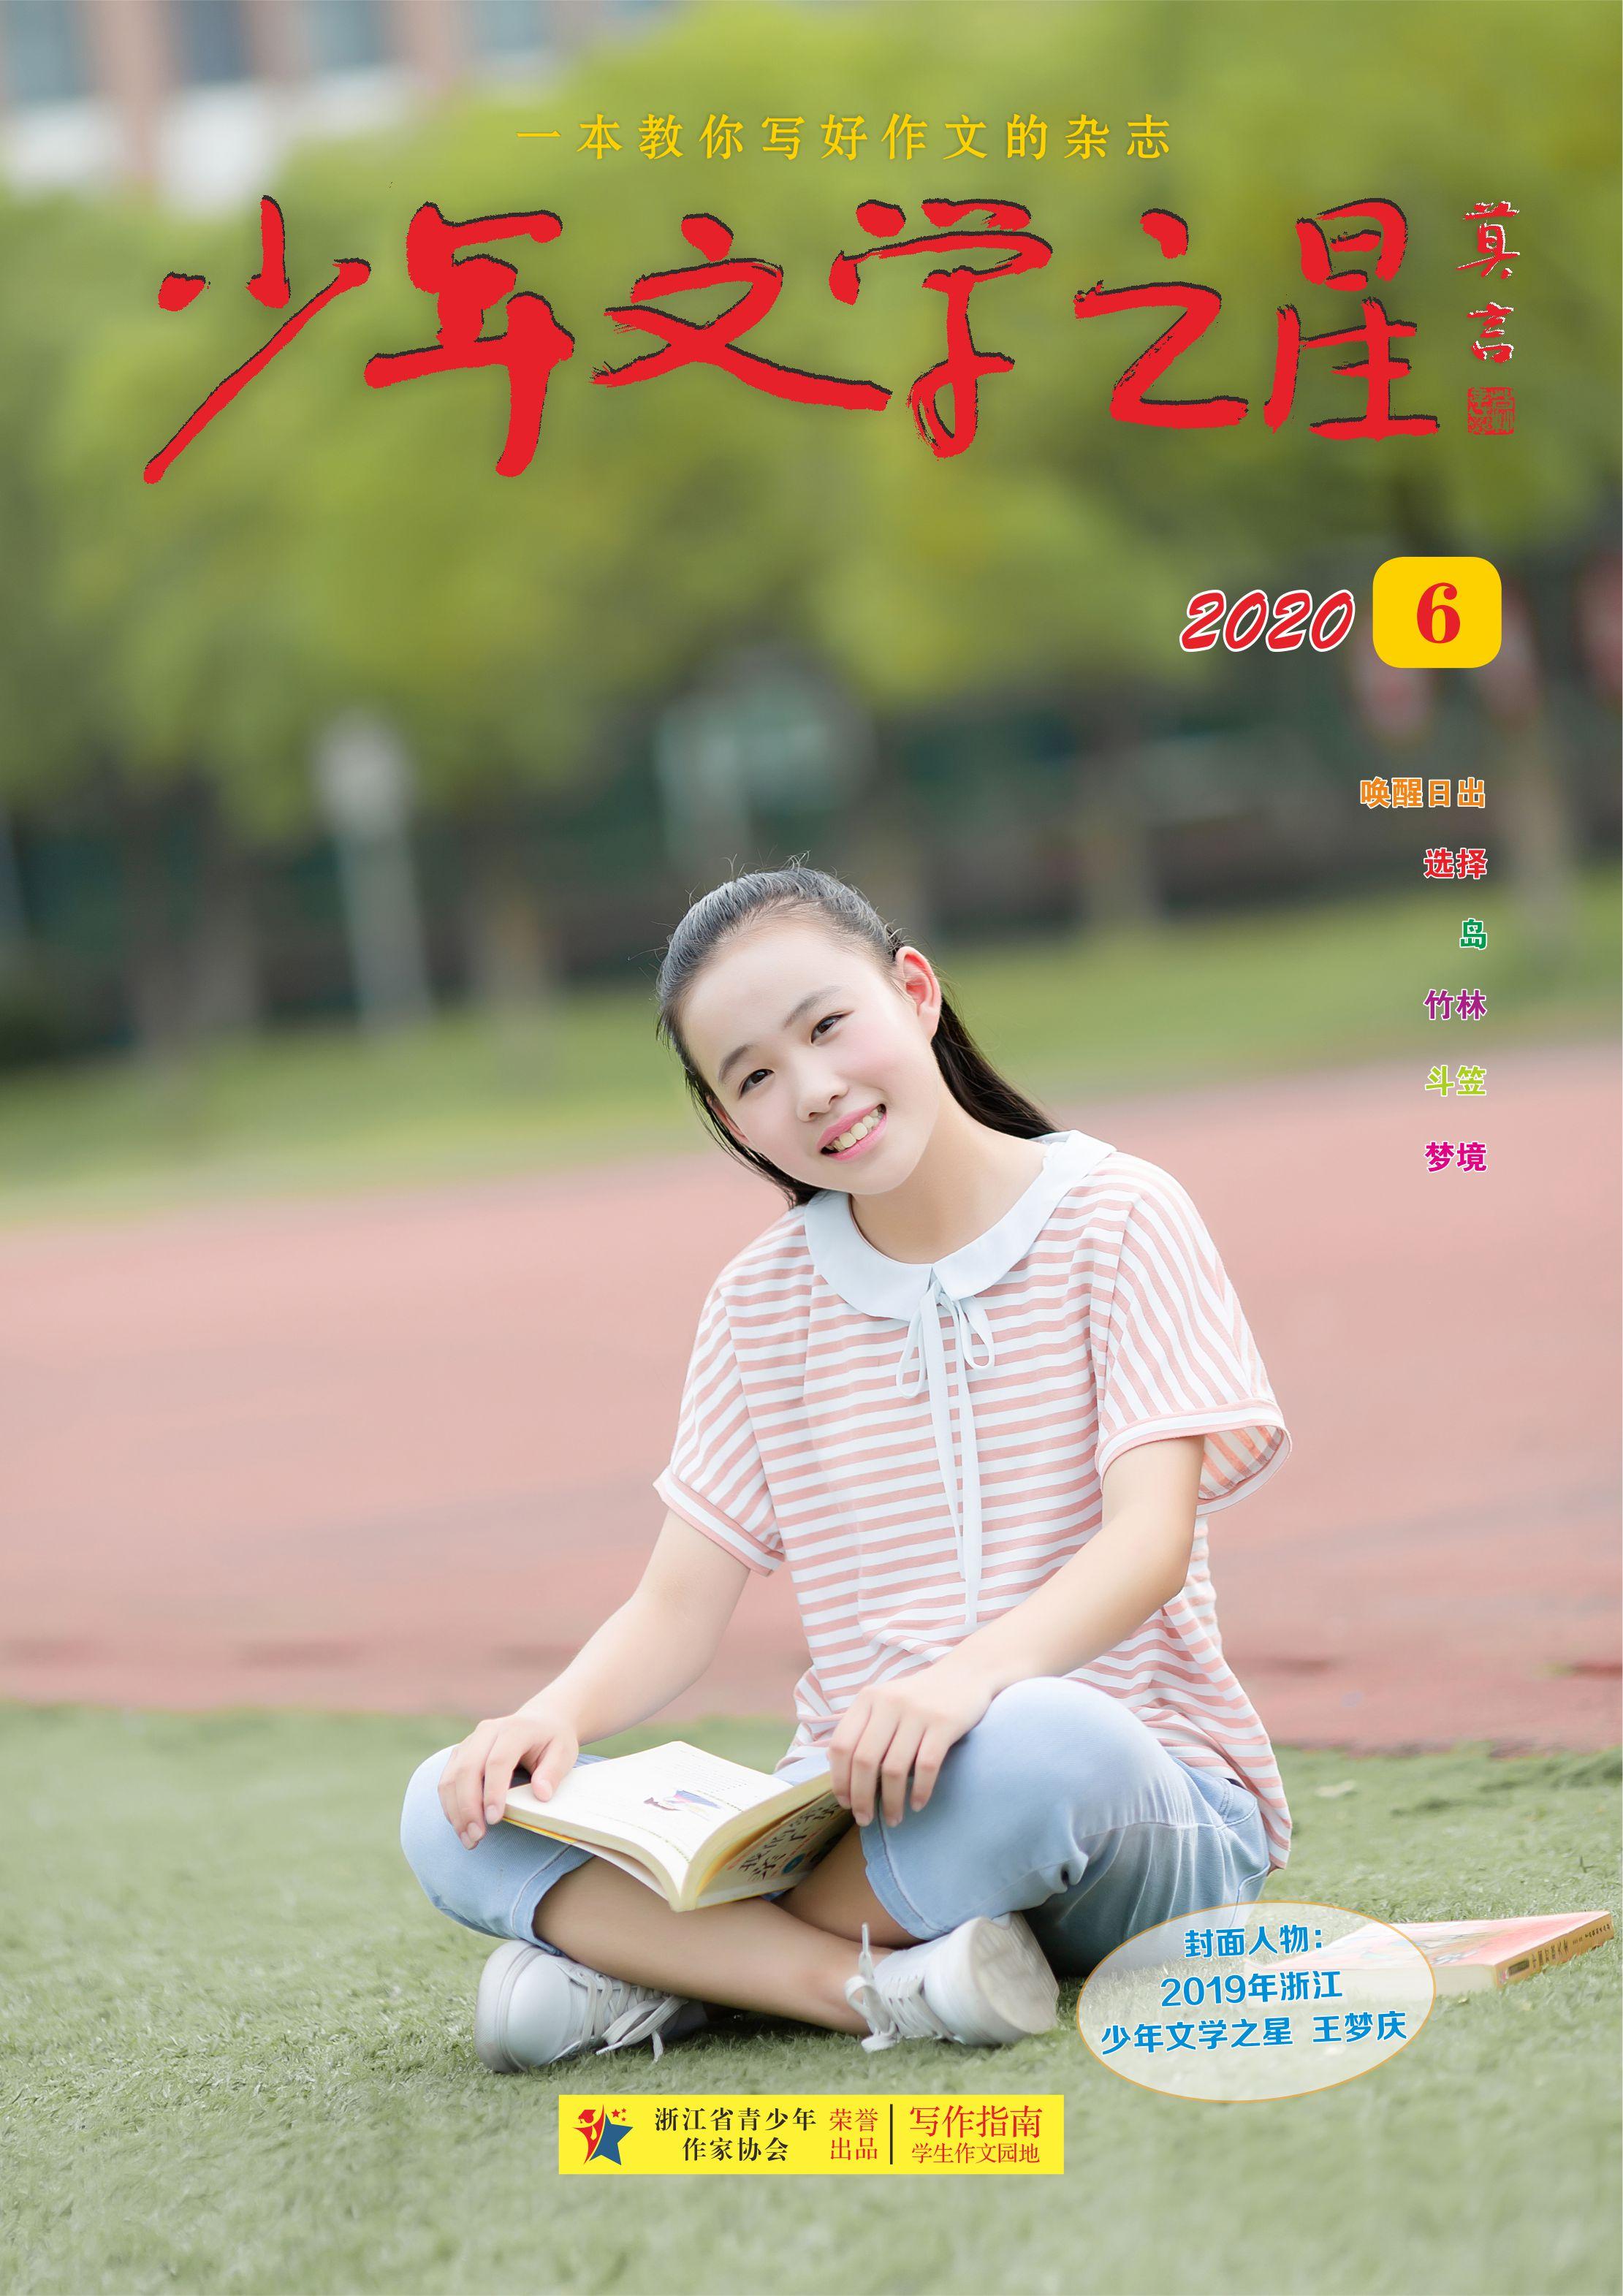 《少年文学之星》2020年6月刊